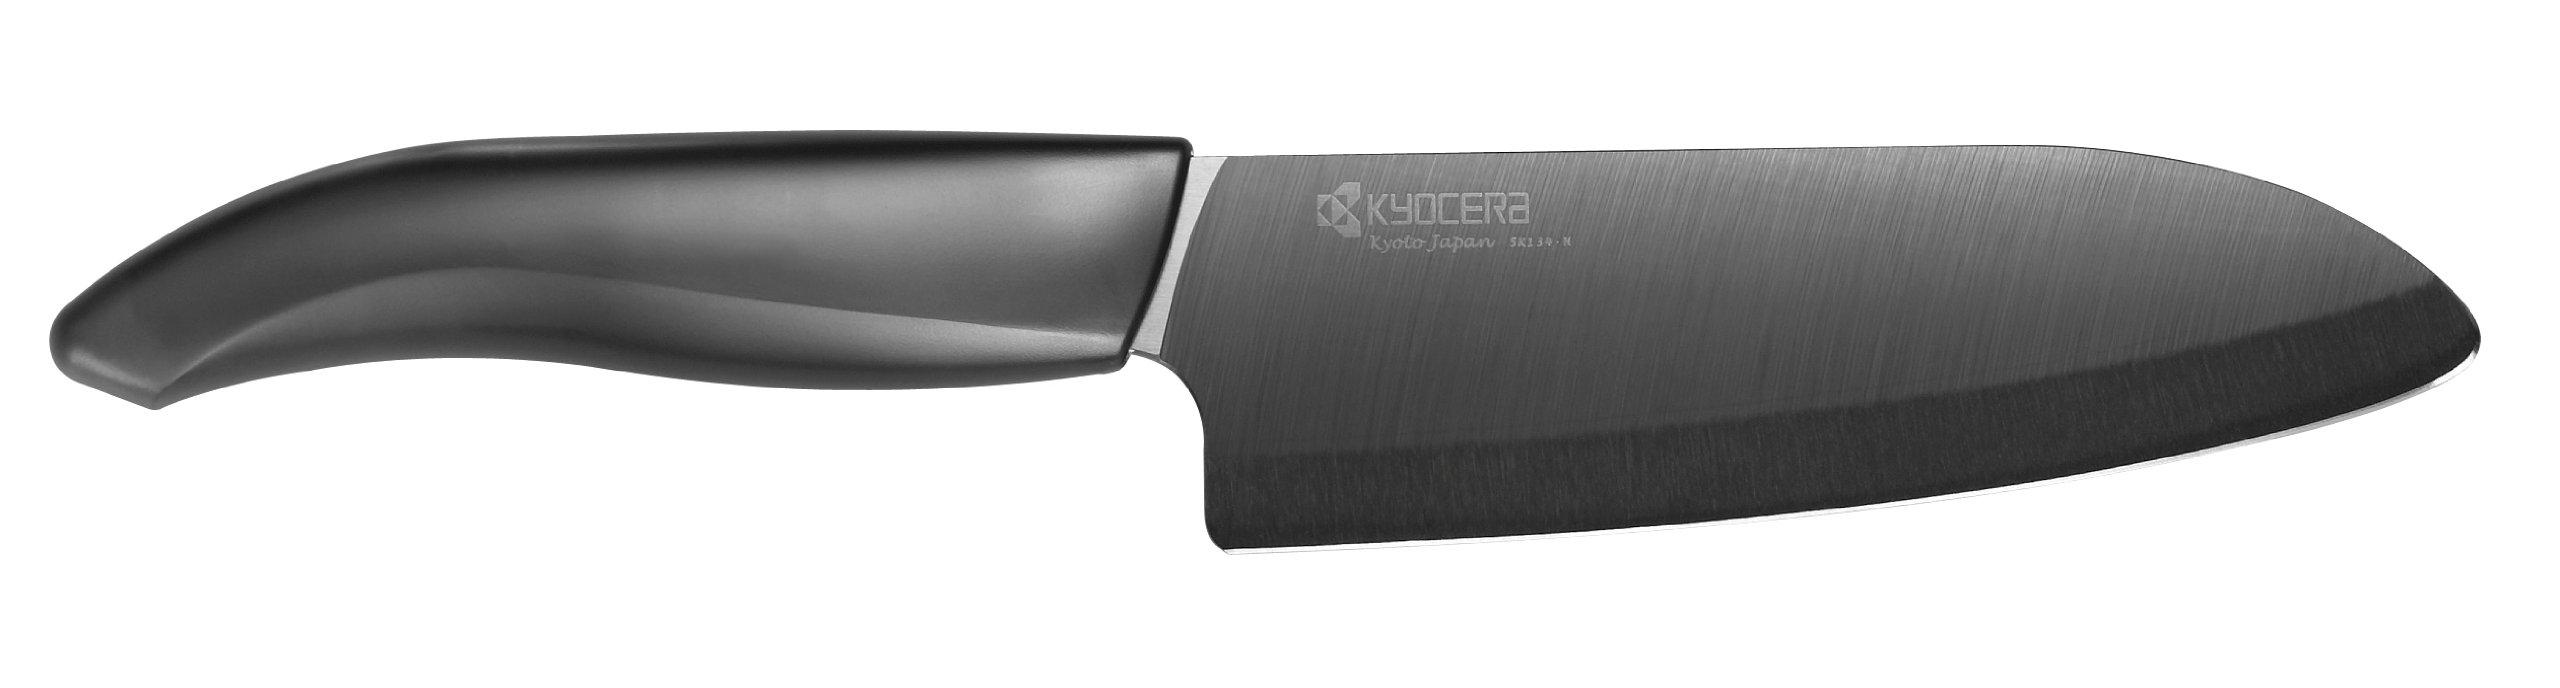 Kyocera Advanced Ceramic Revolution Series 5-1/2-inch Santoku Knife, Black Blade